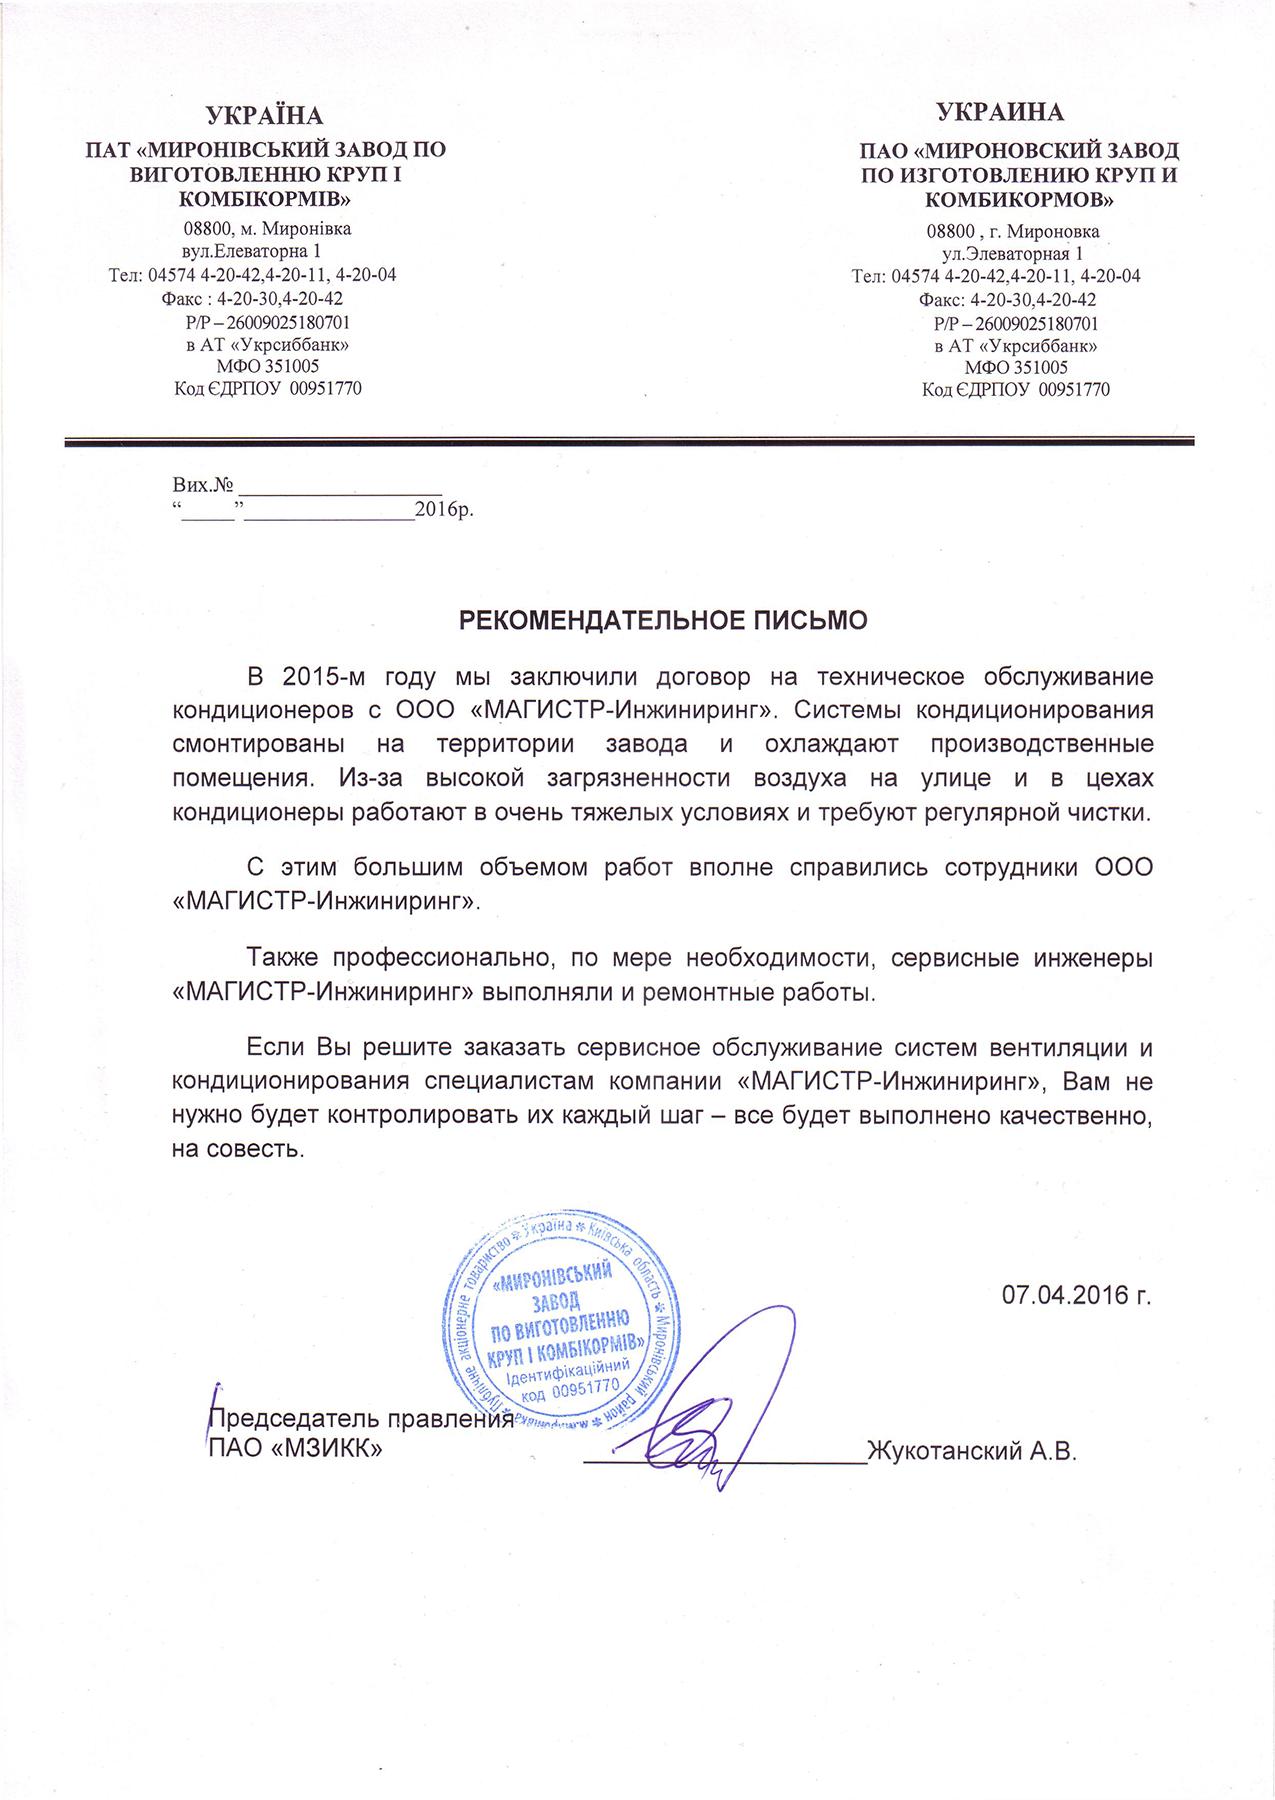 Mironivskyi